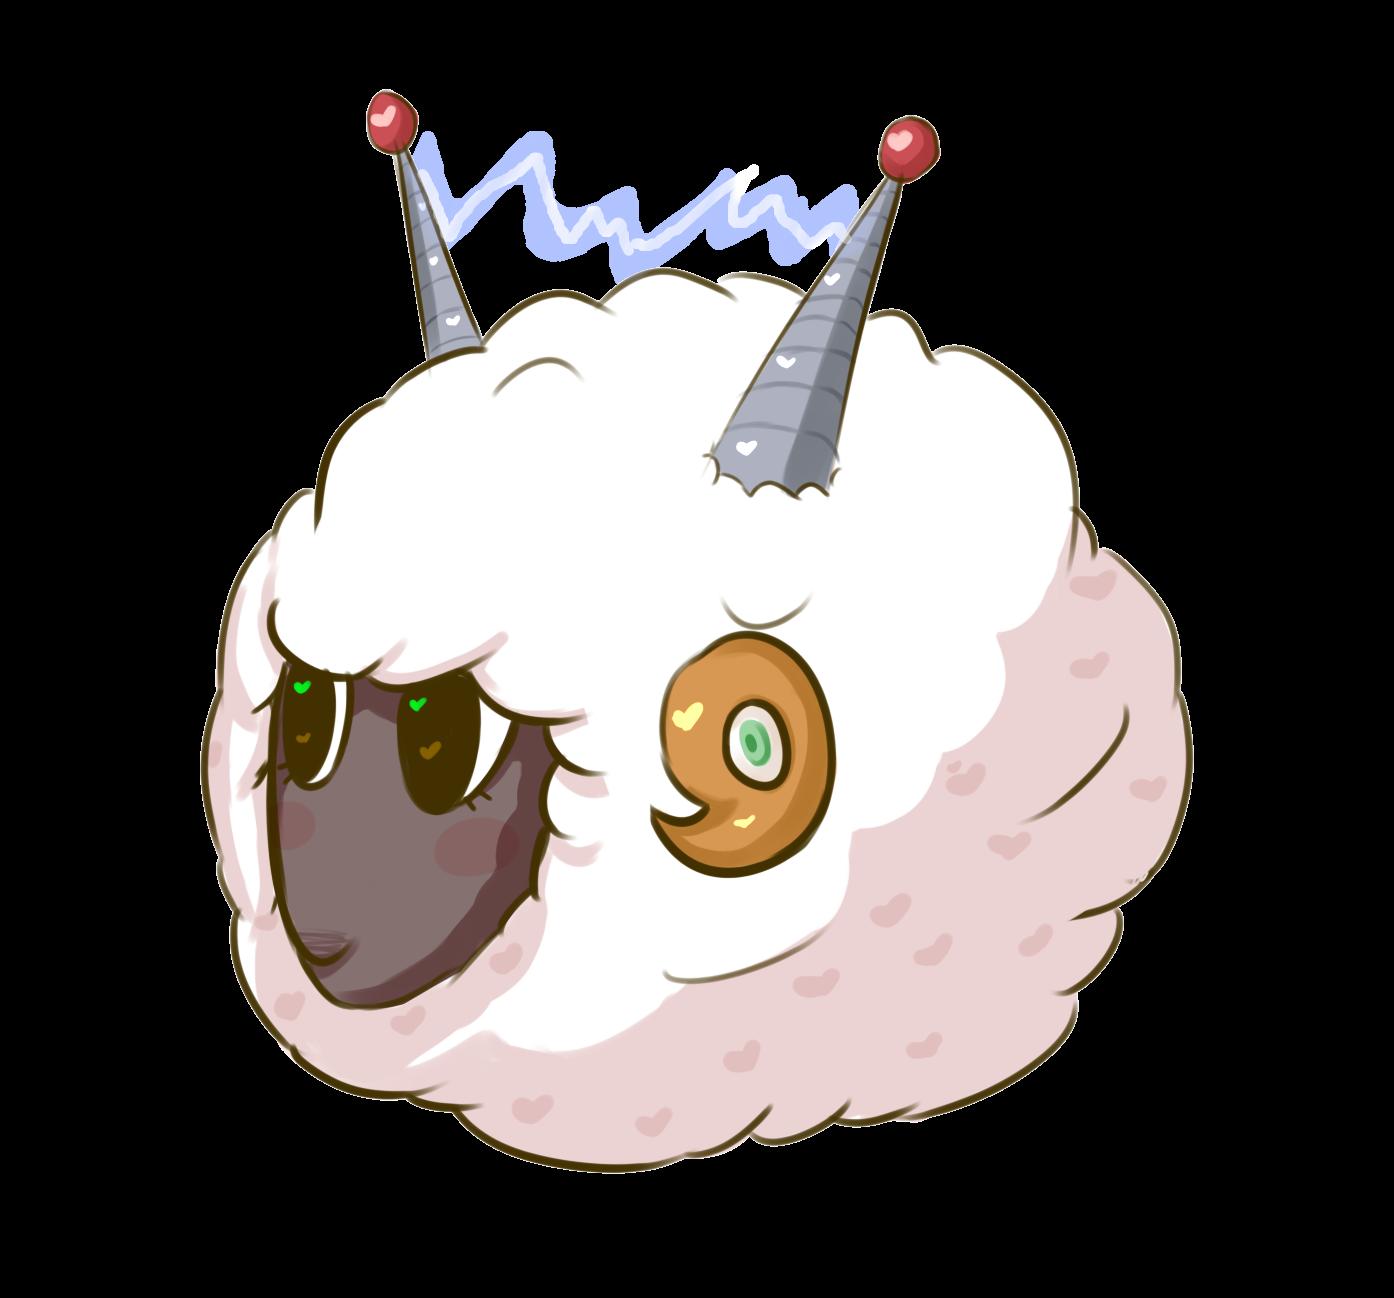 sheepcloud